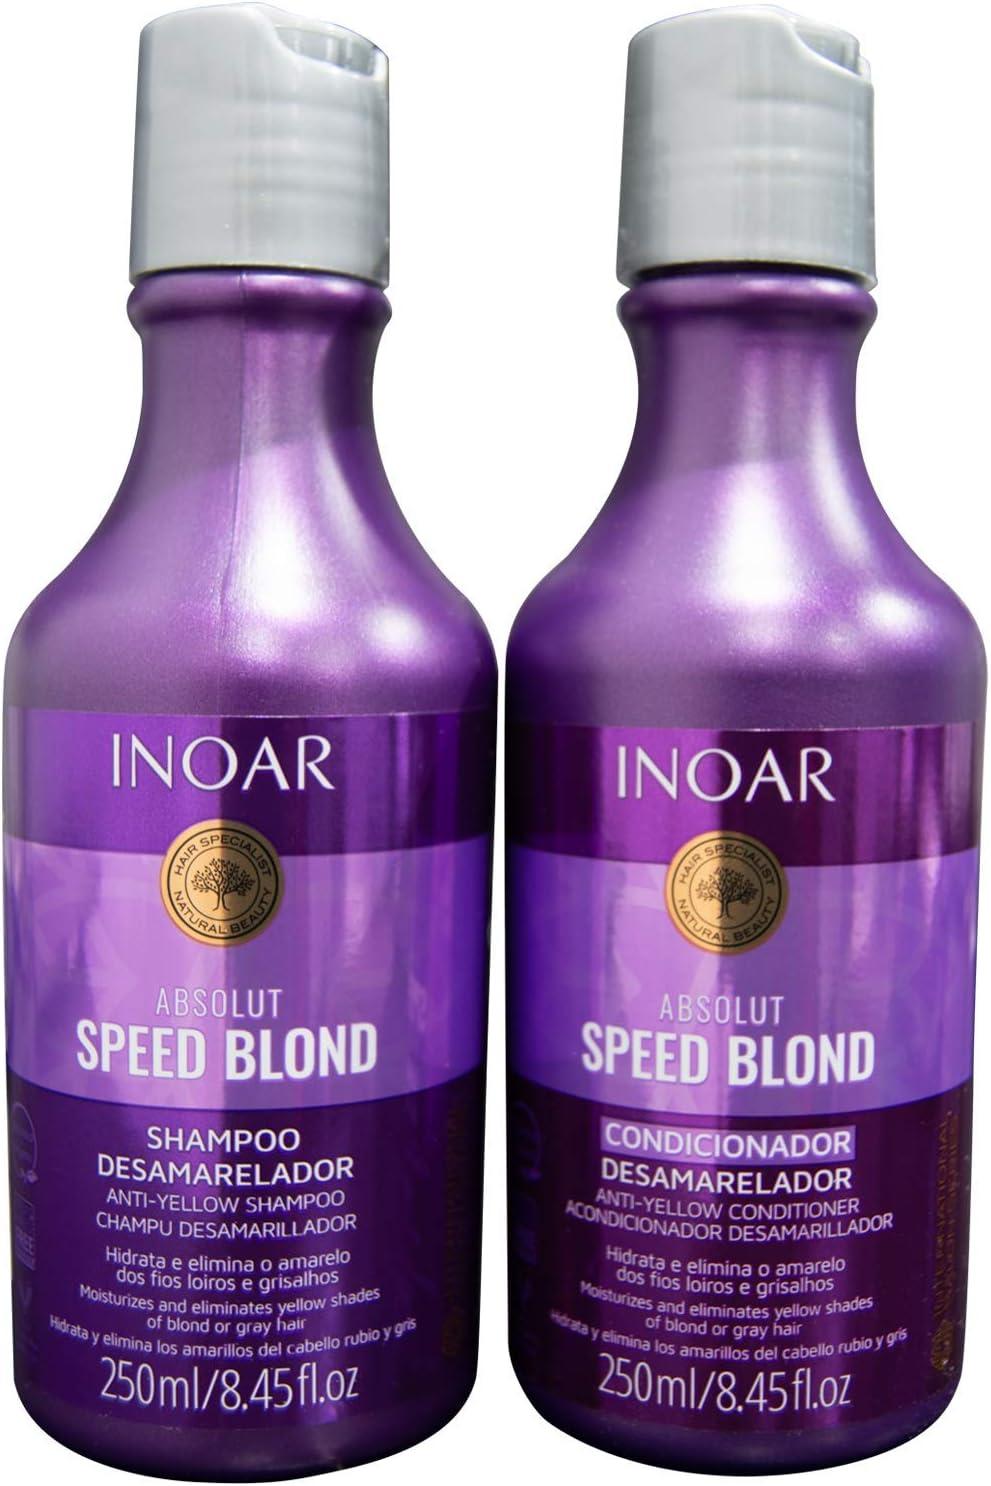 Shampoo e condicionador matizadores - Inoar